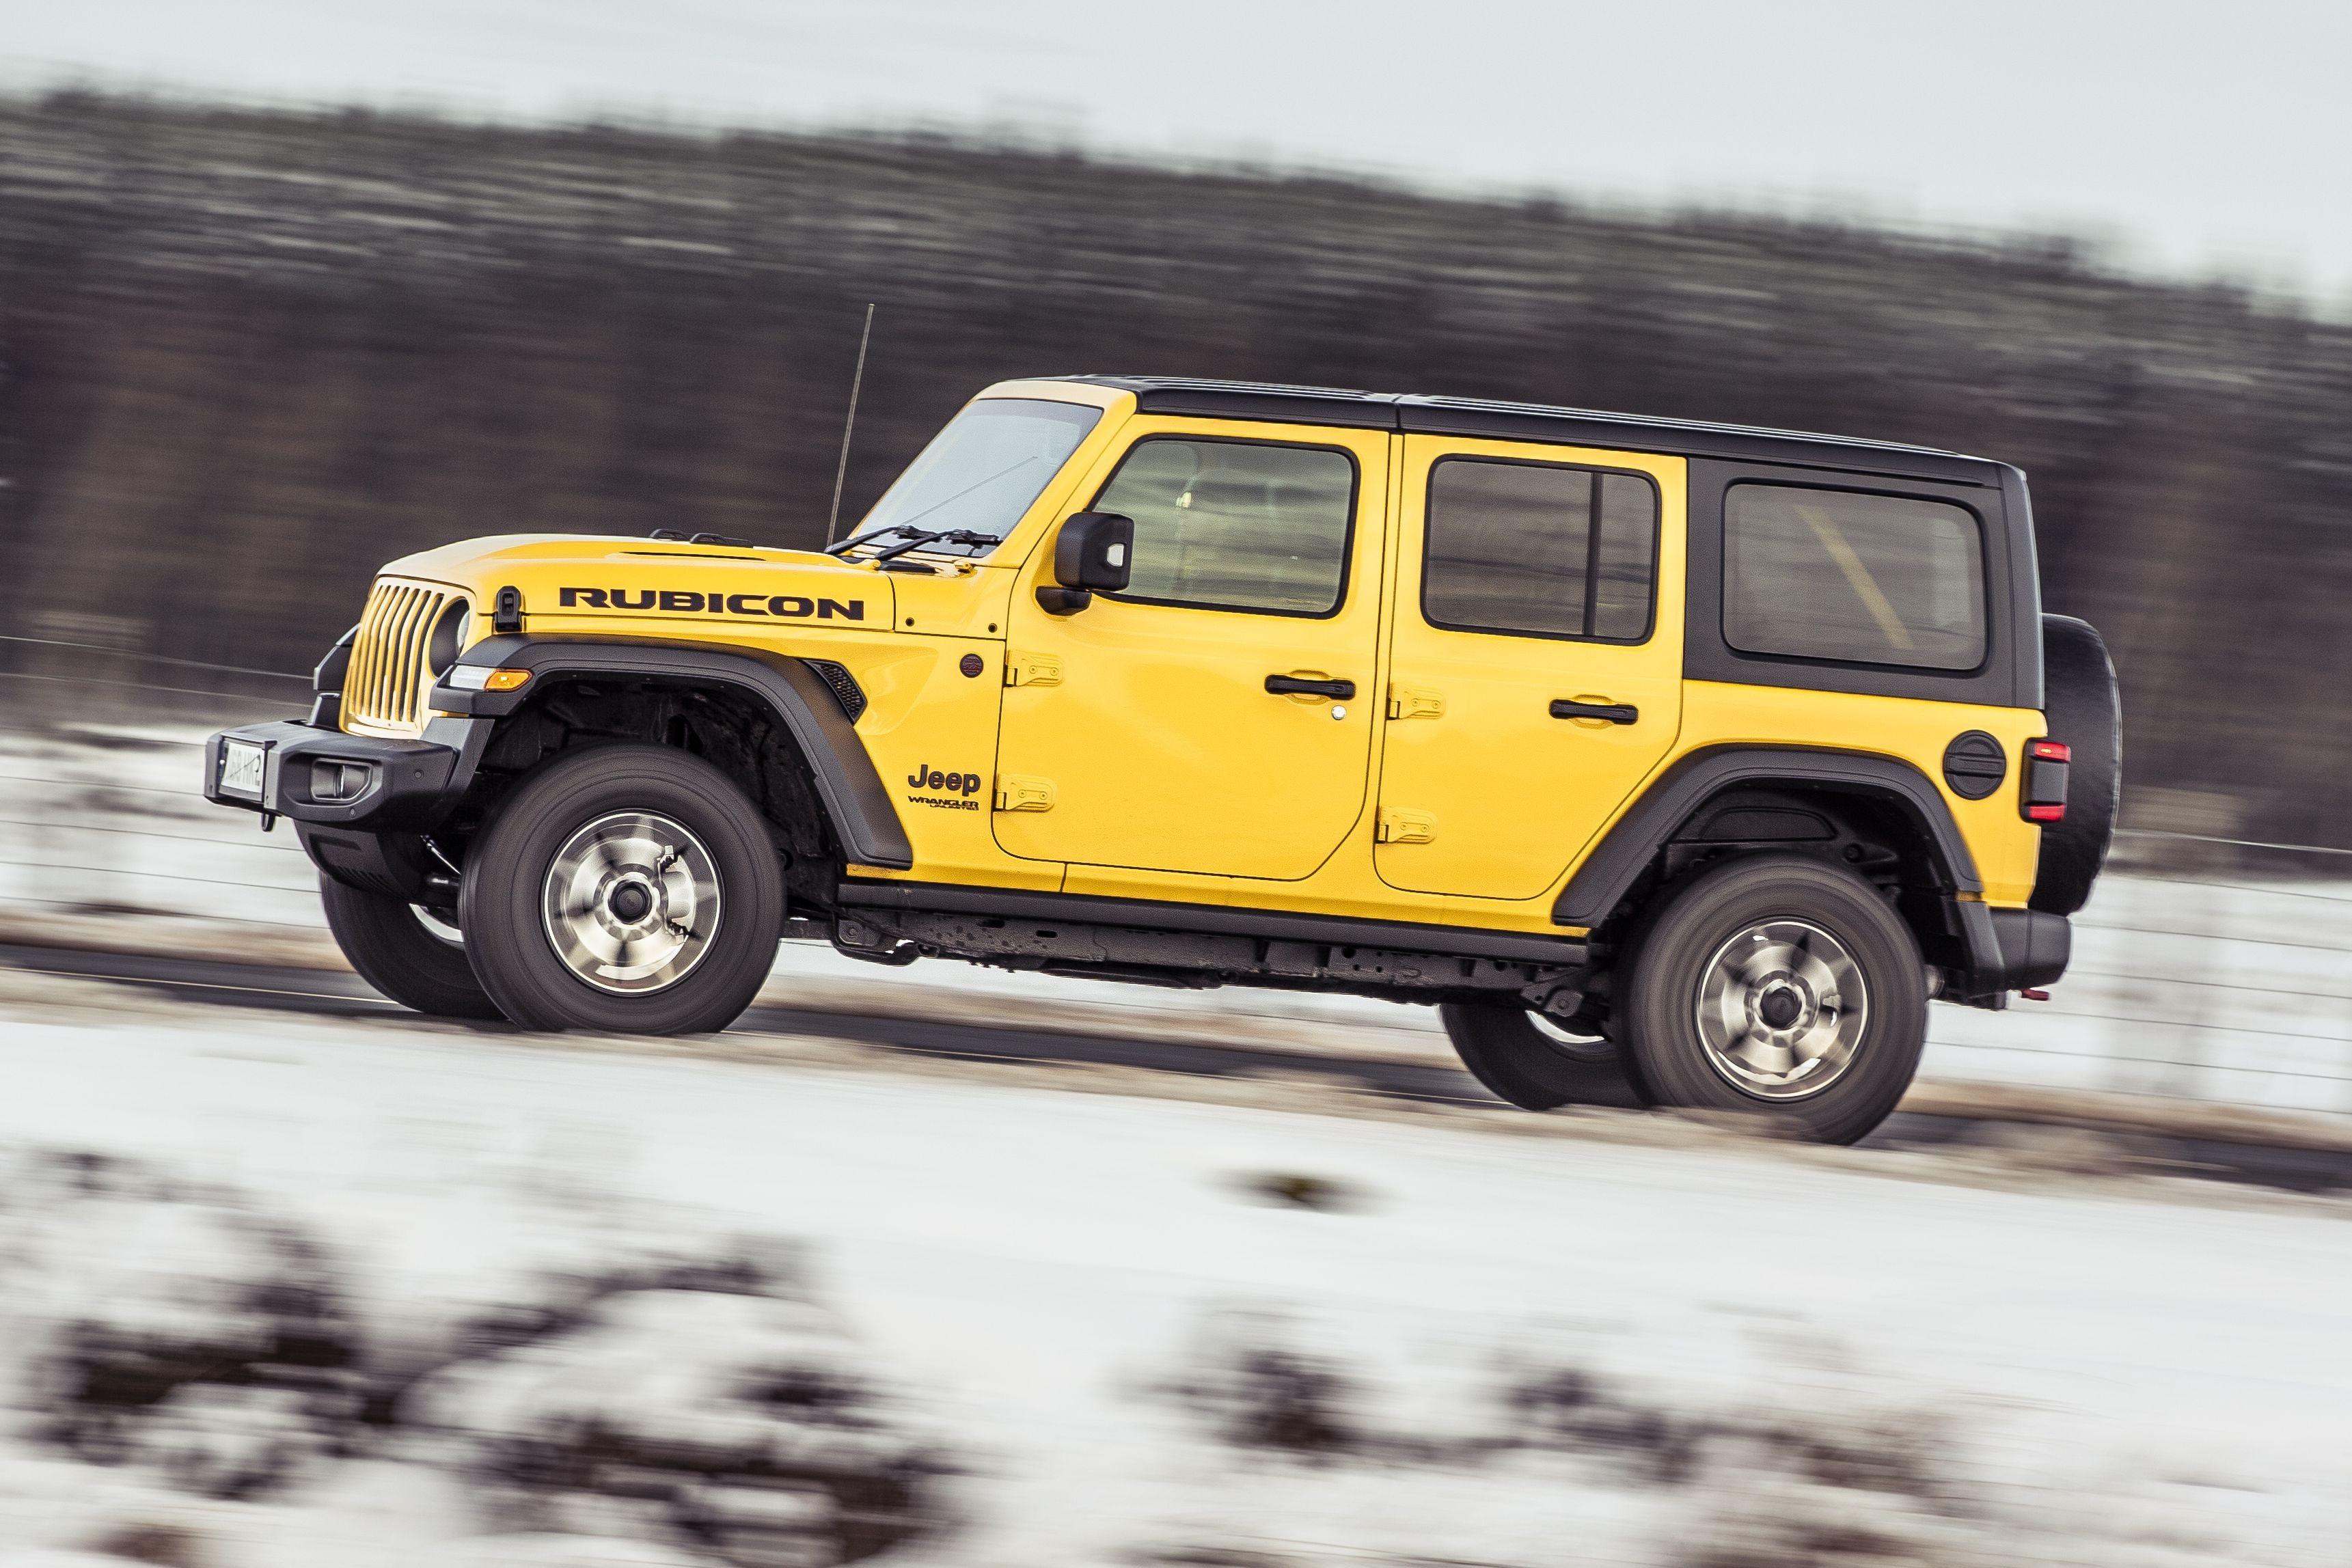 Марка Jeep тащит FCA вперёд, но не гарантирует светлого будущего.